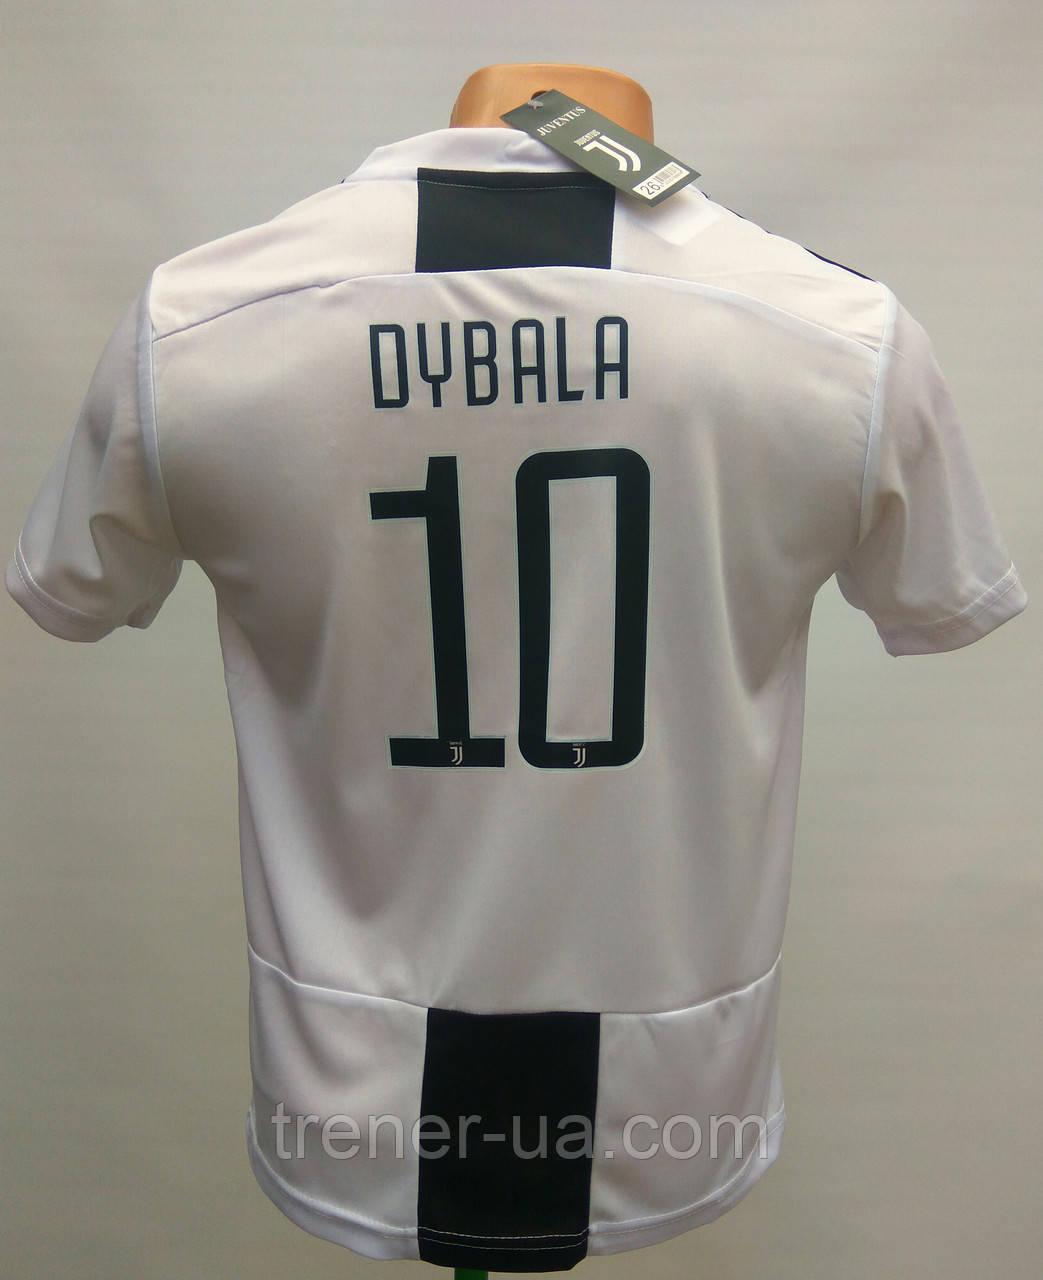 Футбольная форма детская/Juventus Dybala чёрно-белая сезон 2019/Ювентус Дибала/футбол